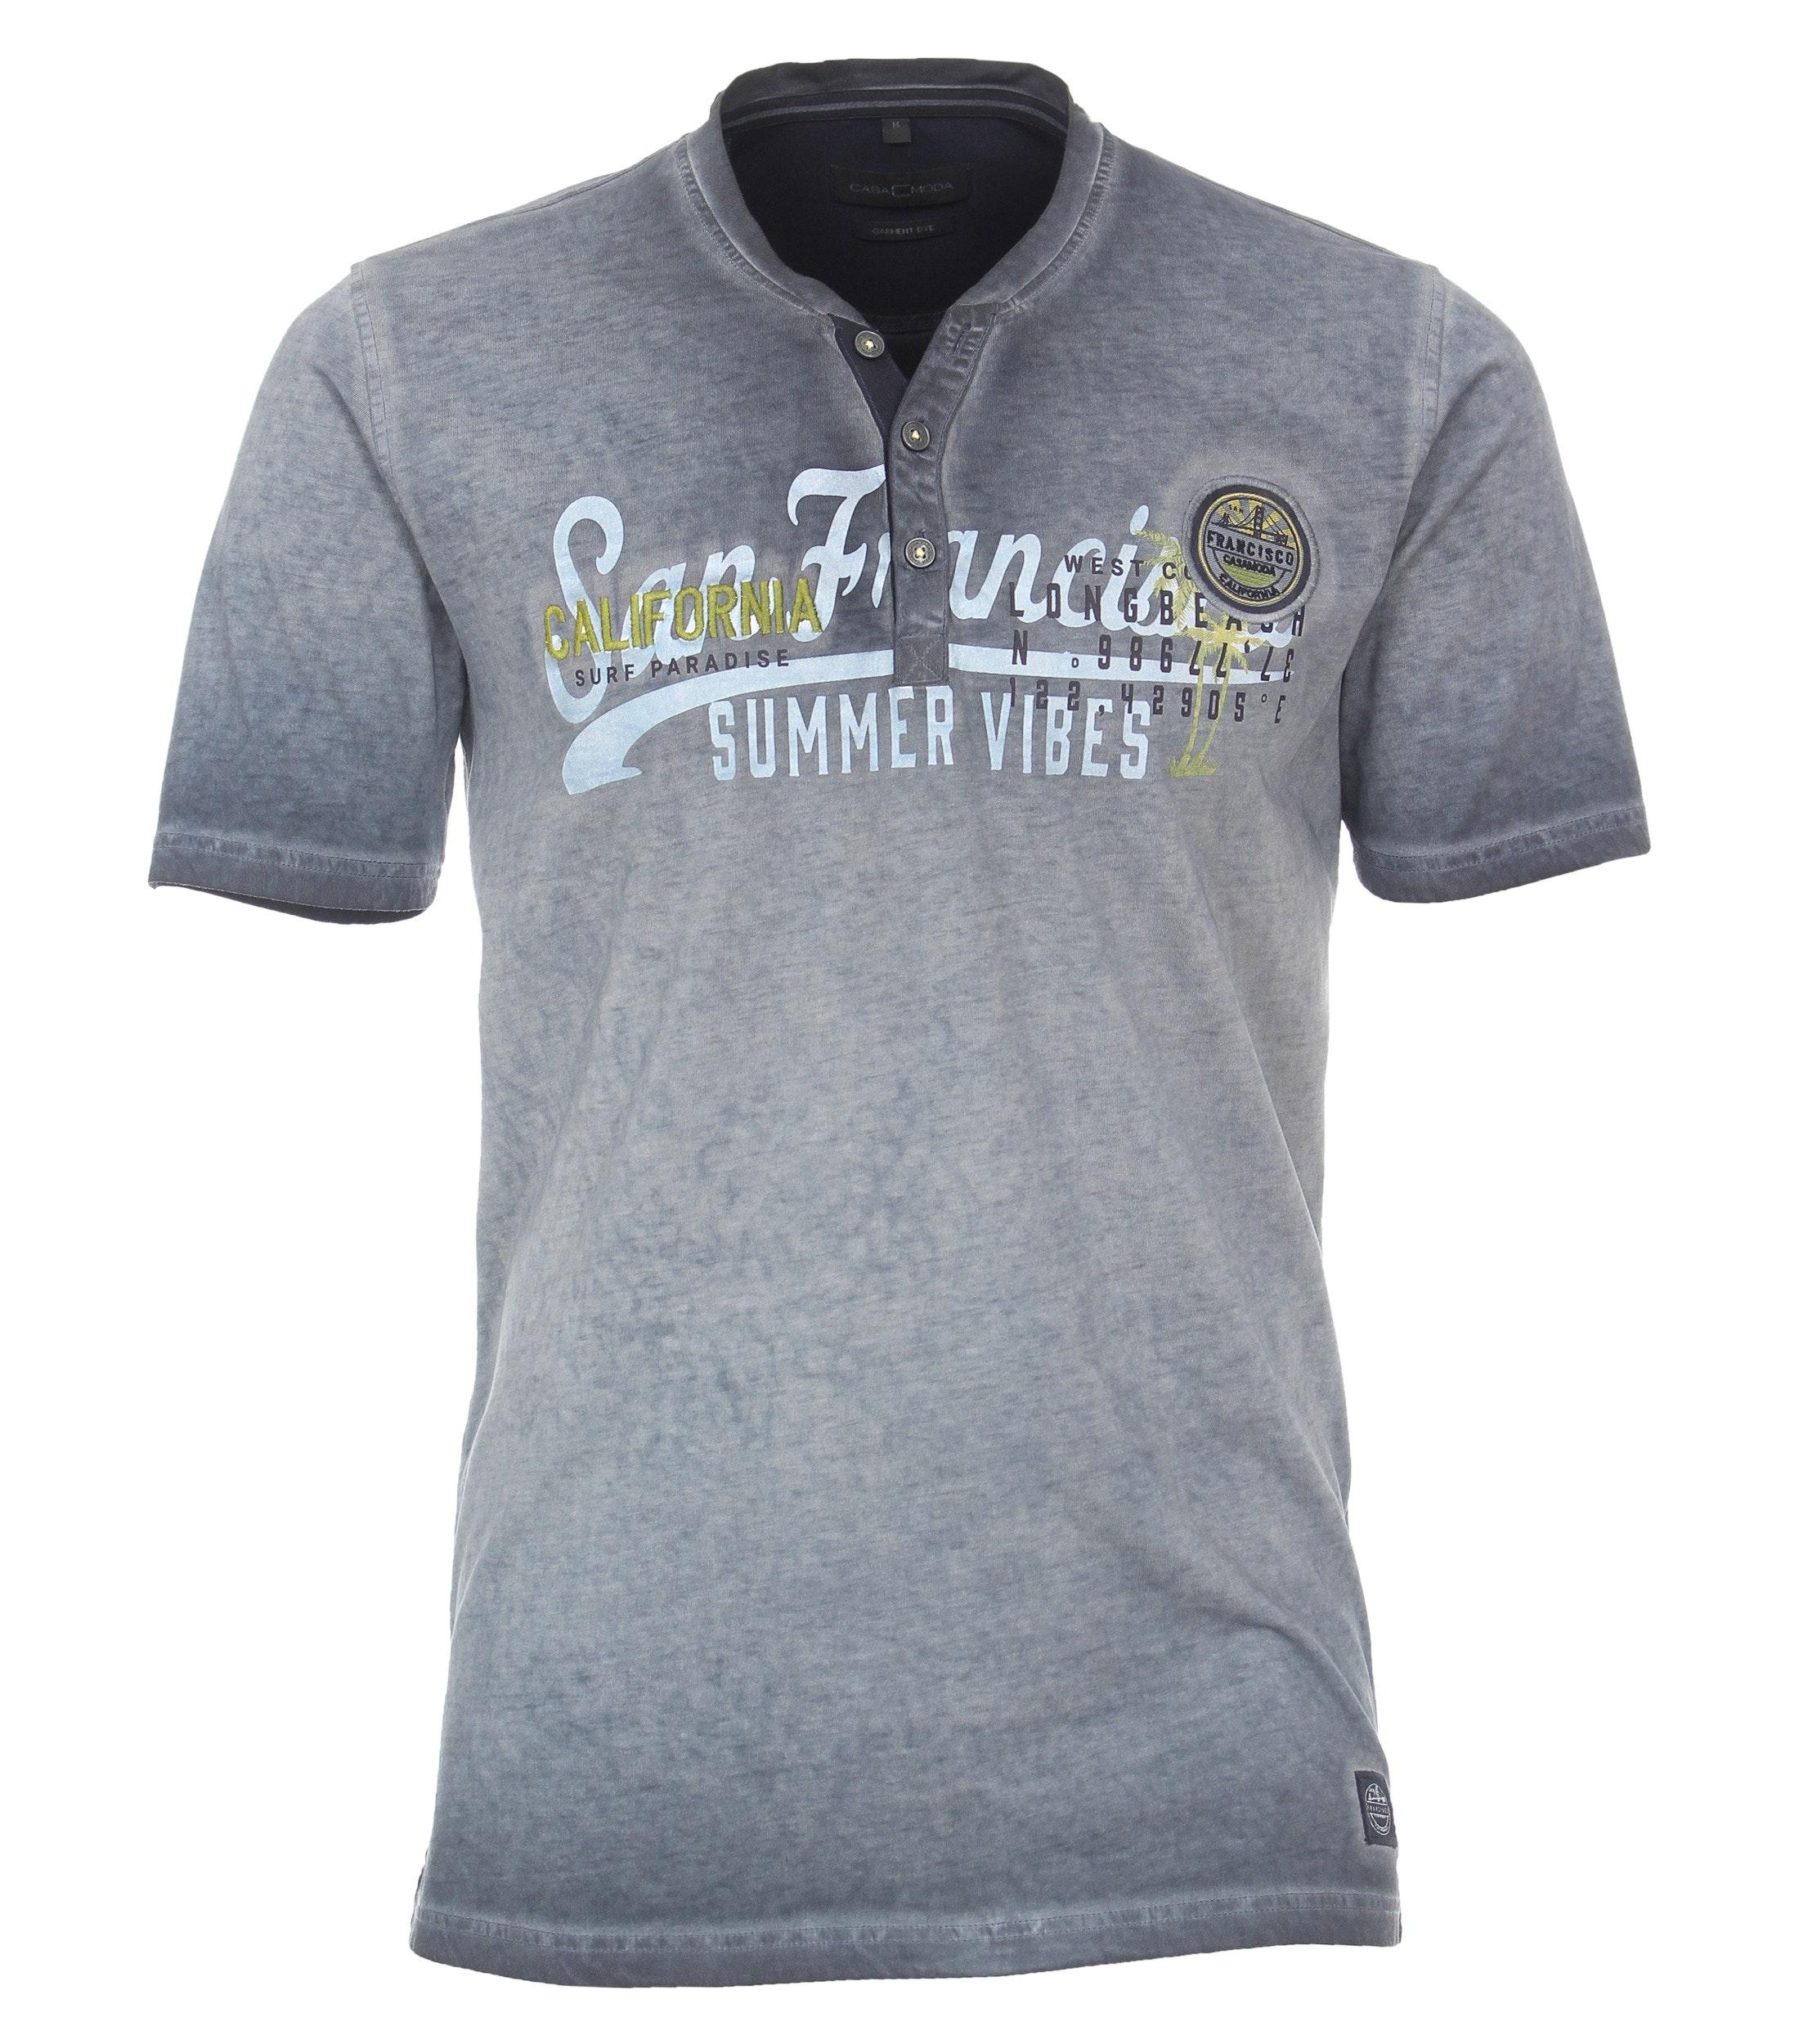 Henley Shirt van merk CASA MODA in de kleur grijs, gemaakt van 100% katoen. Dit modieuze T-shirt maakt indruk met een henley-halslijn met een korte knoopsluiting. De hoogwaardige katoenmix maakt het shirt comfortabel om te dragen. In combinatie met jeans of chino's is dit T-shirt een echte blikvanger die perfect past elke outfit. De combinatie van print en borduurwerk maakt dit werkelijk een uniek t-shirt wat ook nog eens geweldig lekker zit.